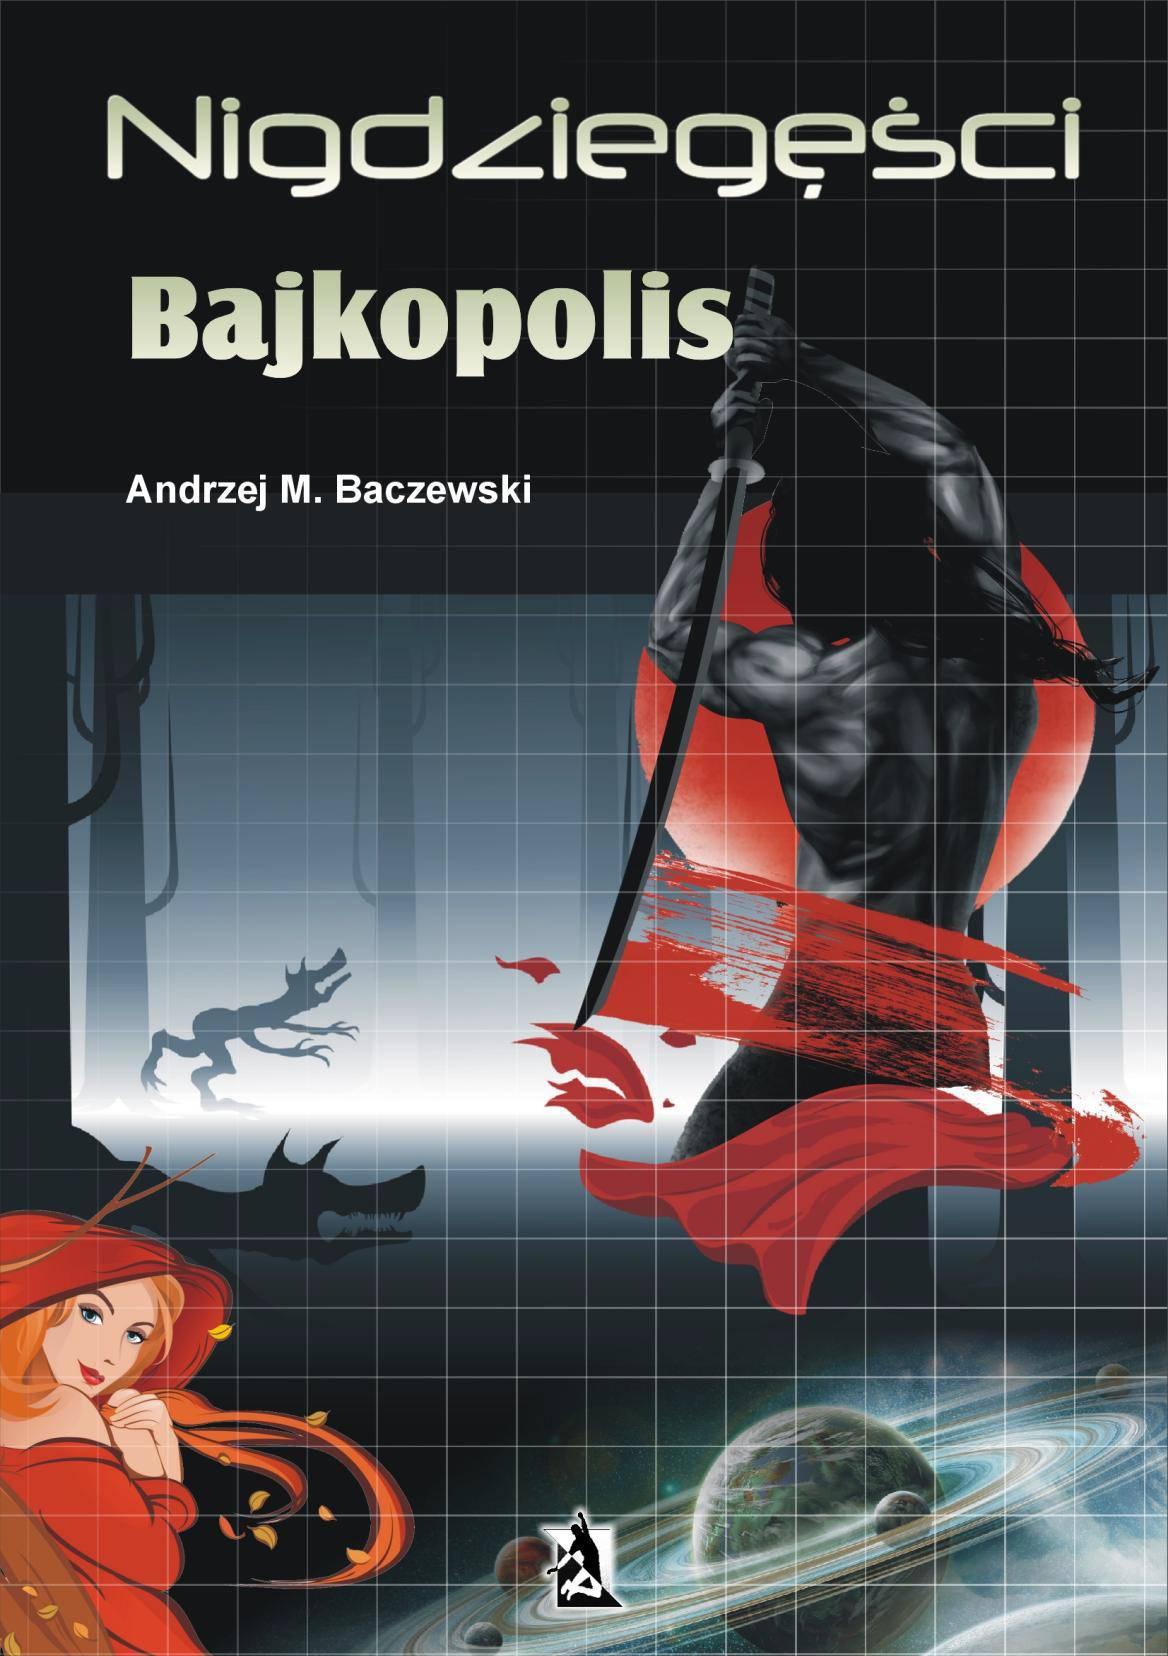 Nigdziegęści. Bajkopolis - Ebook (Książka EPUB) do pobrania w formacie EPUB